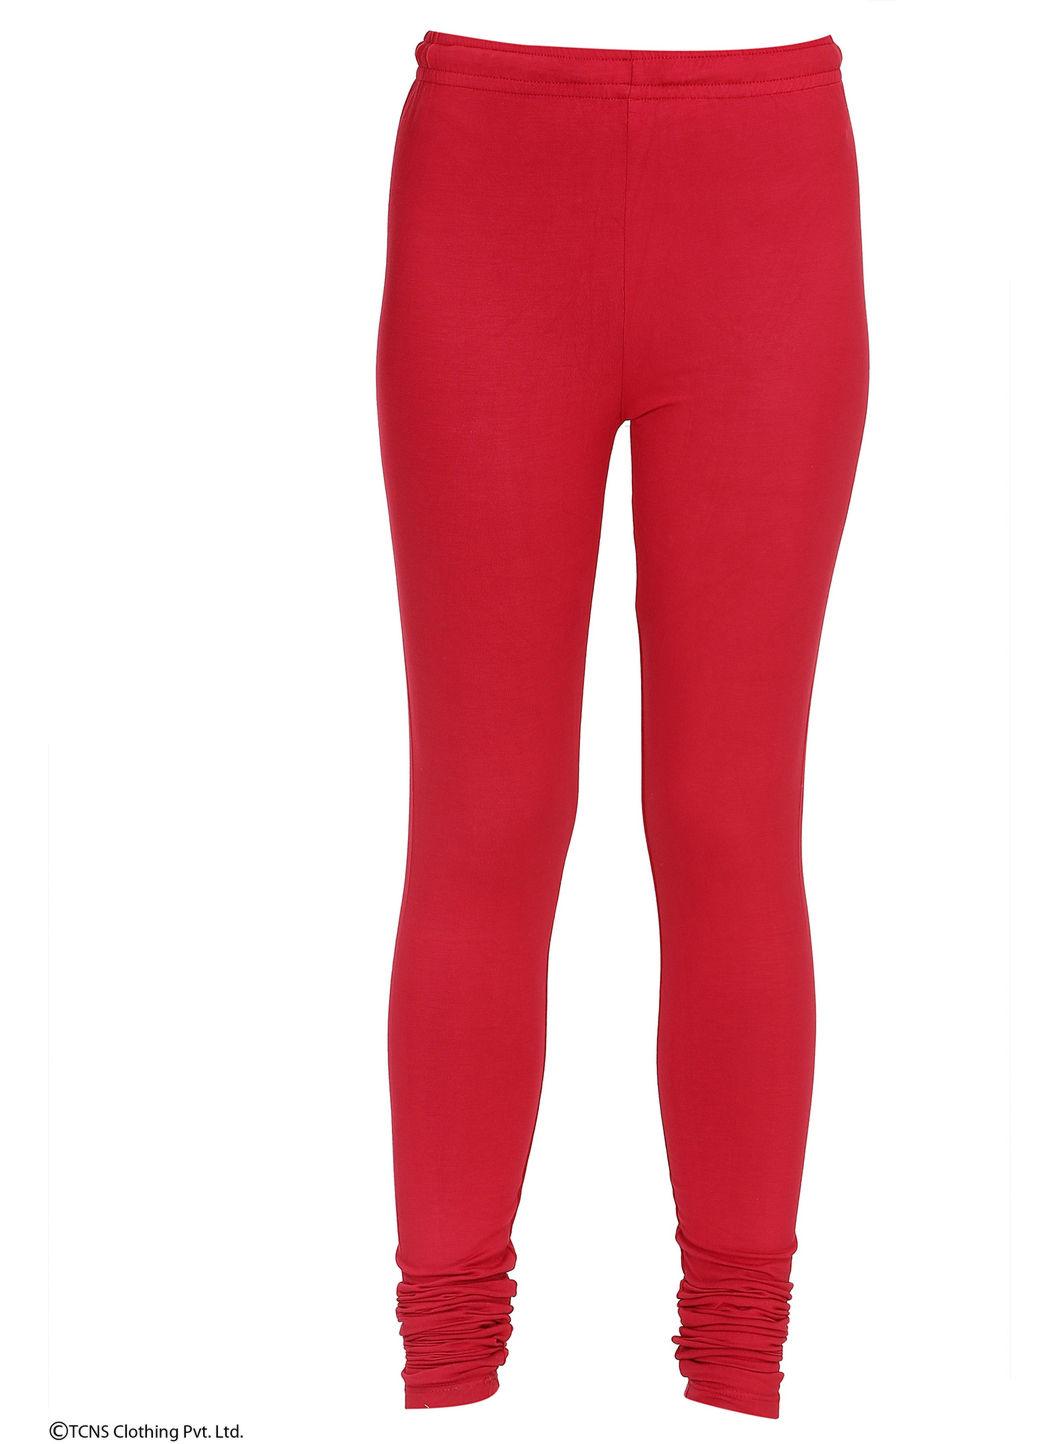 W | Wishful by W-Women Red Color Churidar